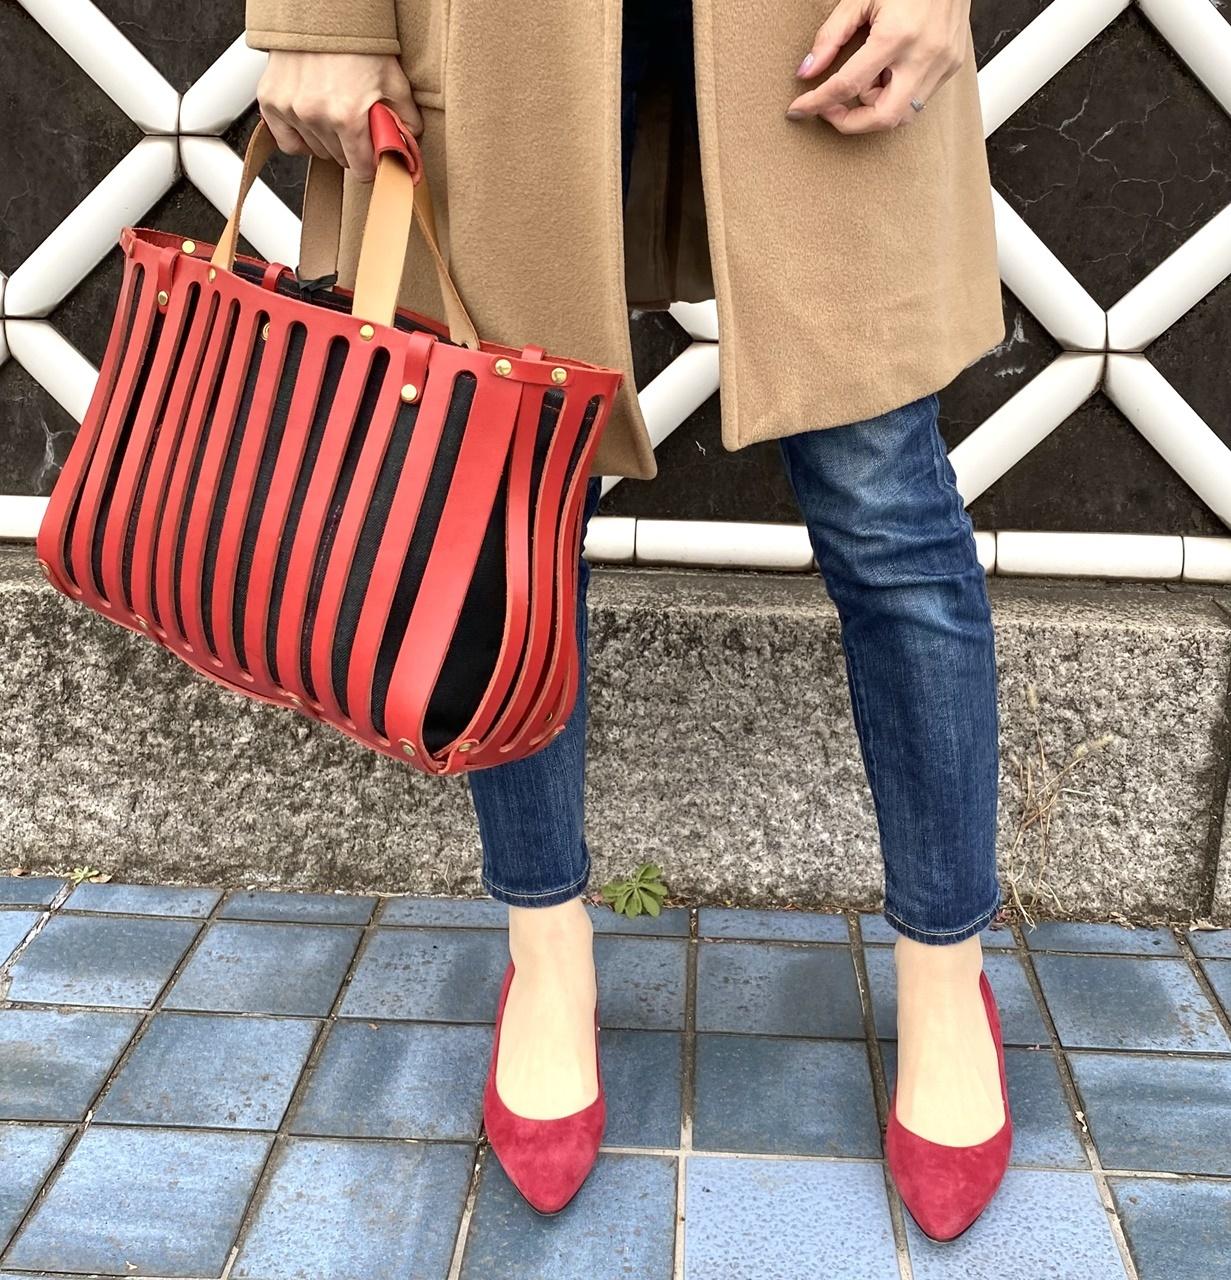 赤のバッグとシューズ